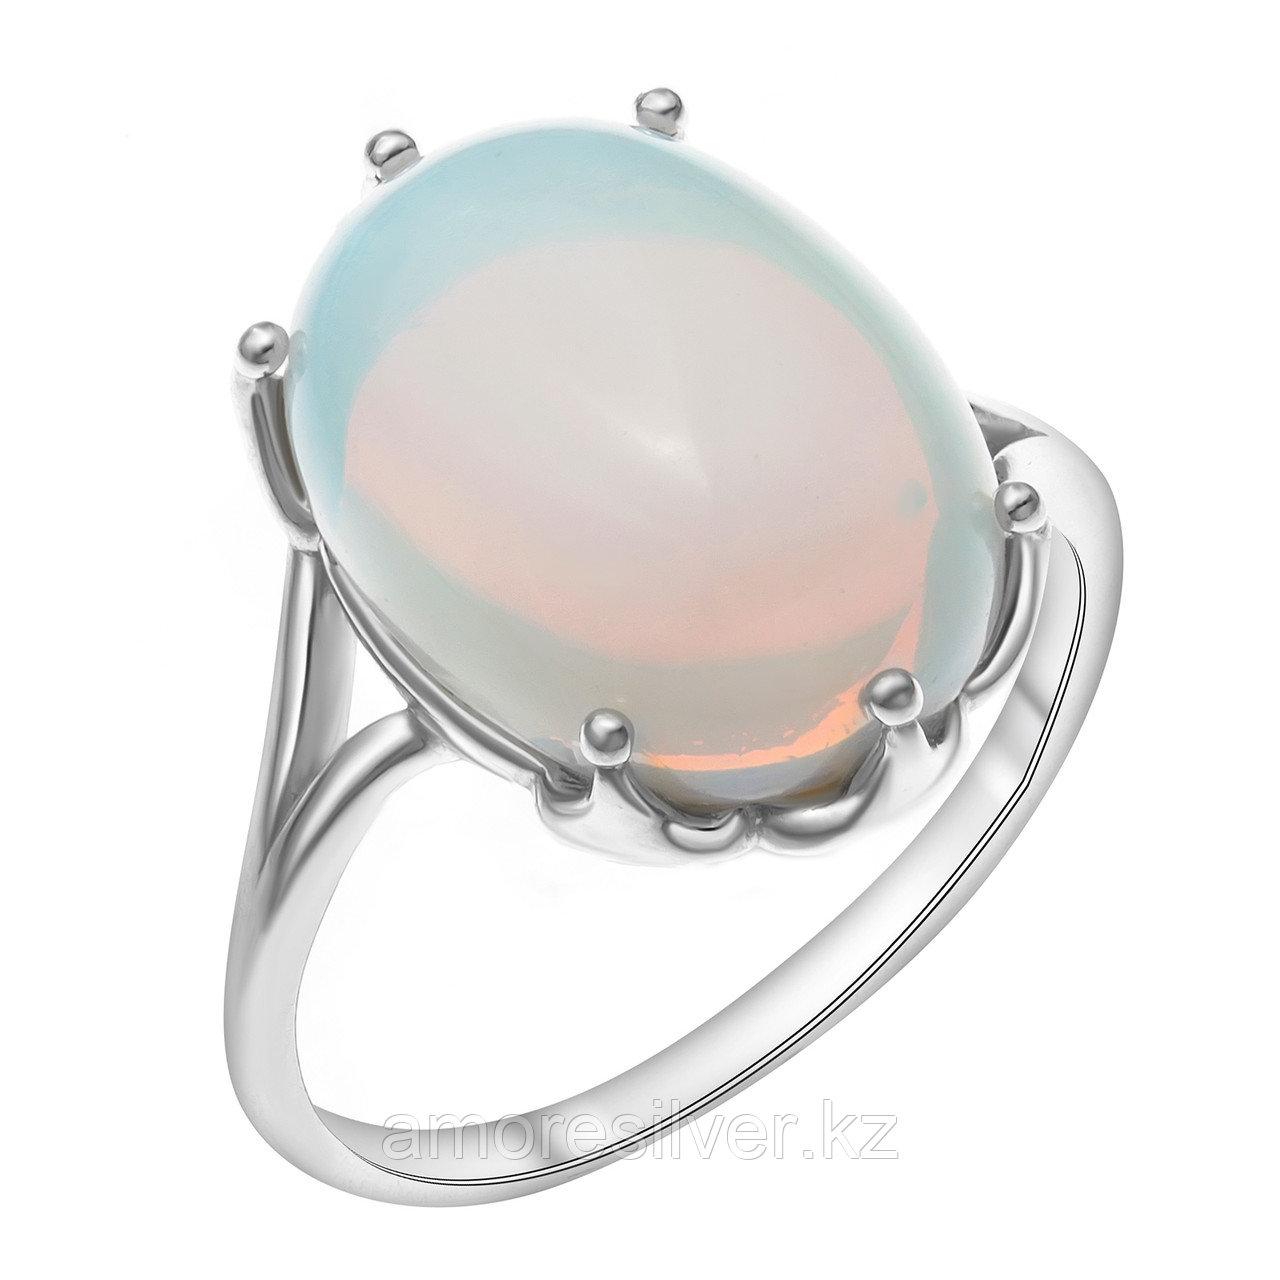 Серебряное кольцо с лунным камнем  Приволжский Ювелир 251212-MNS